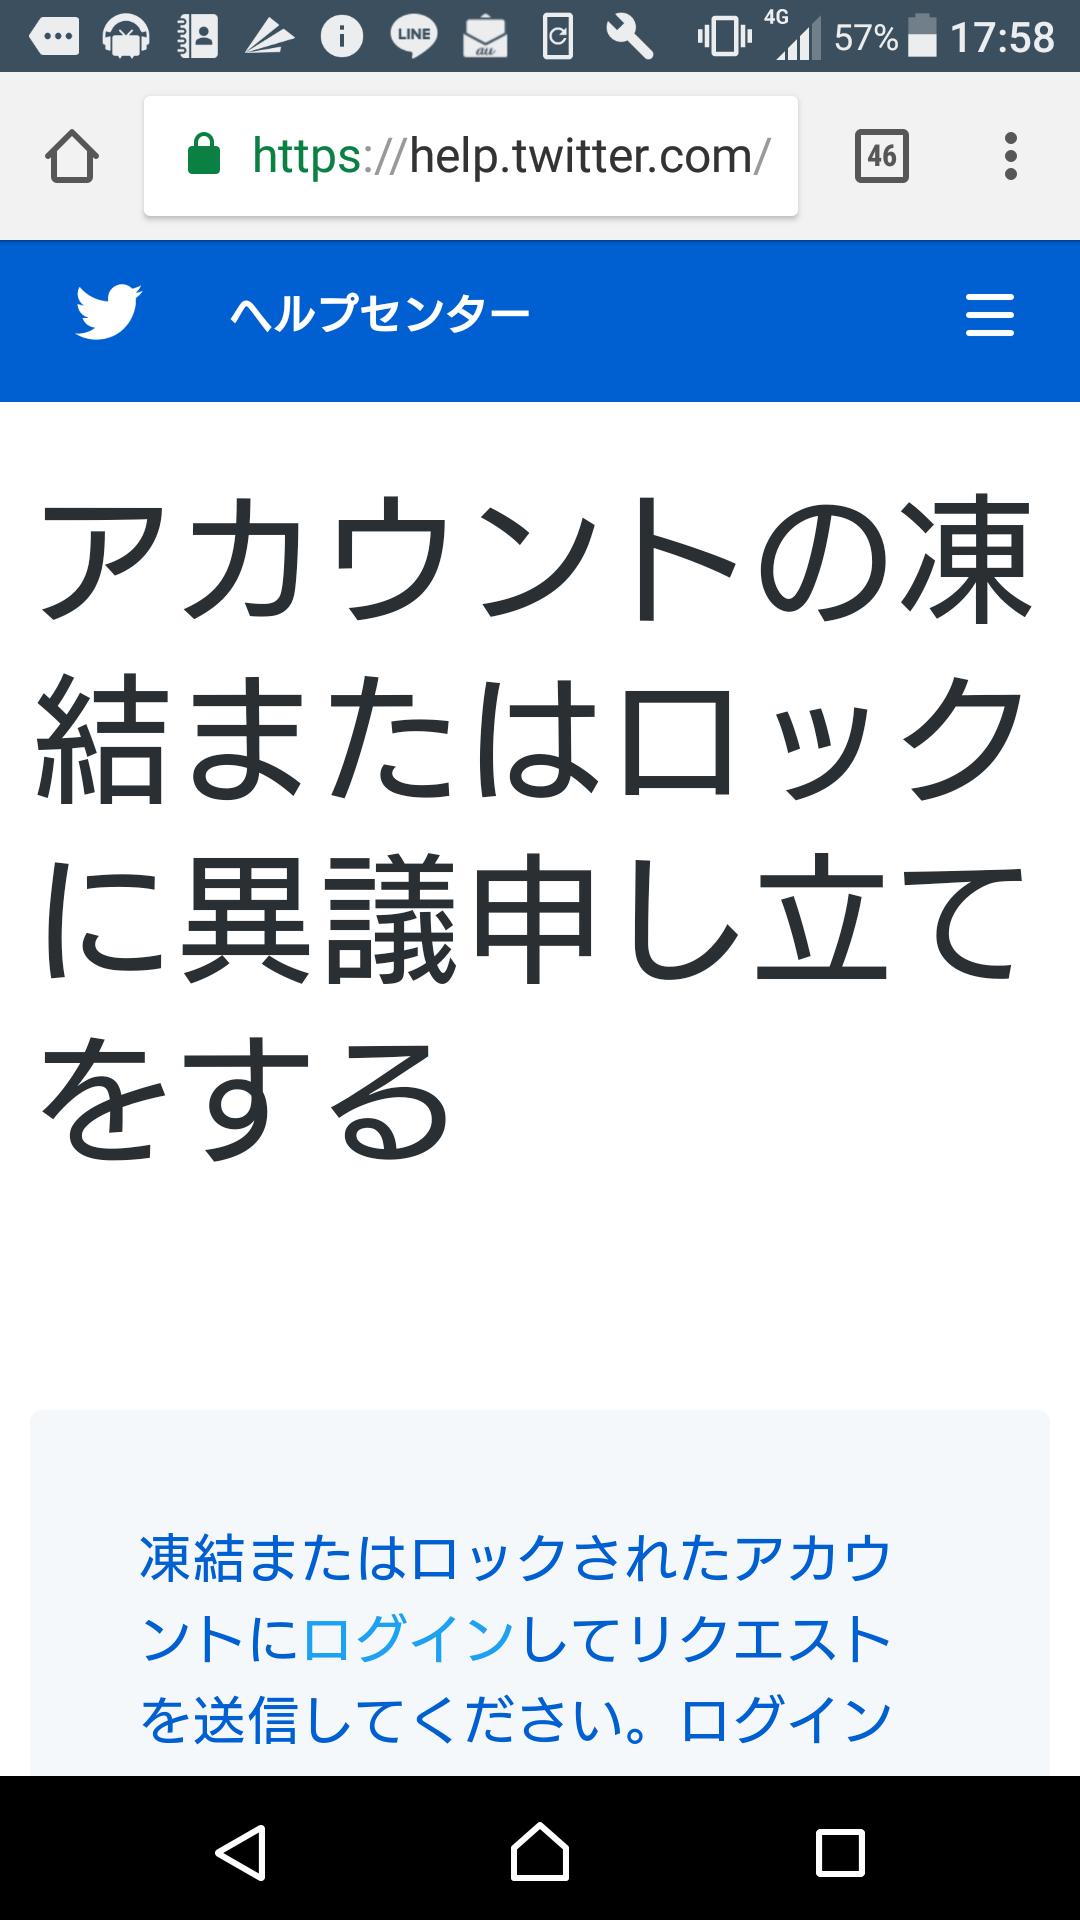 凍結 削除 twitter アカウント